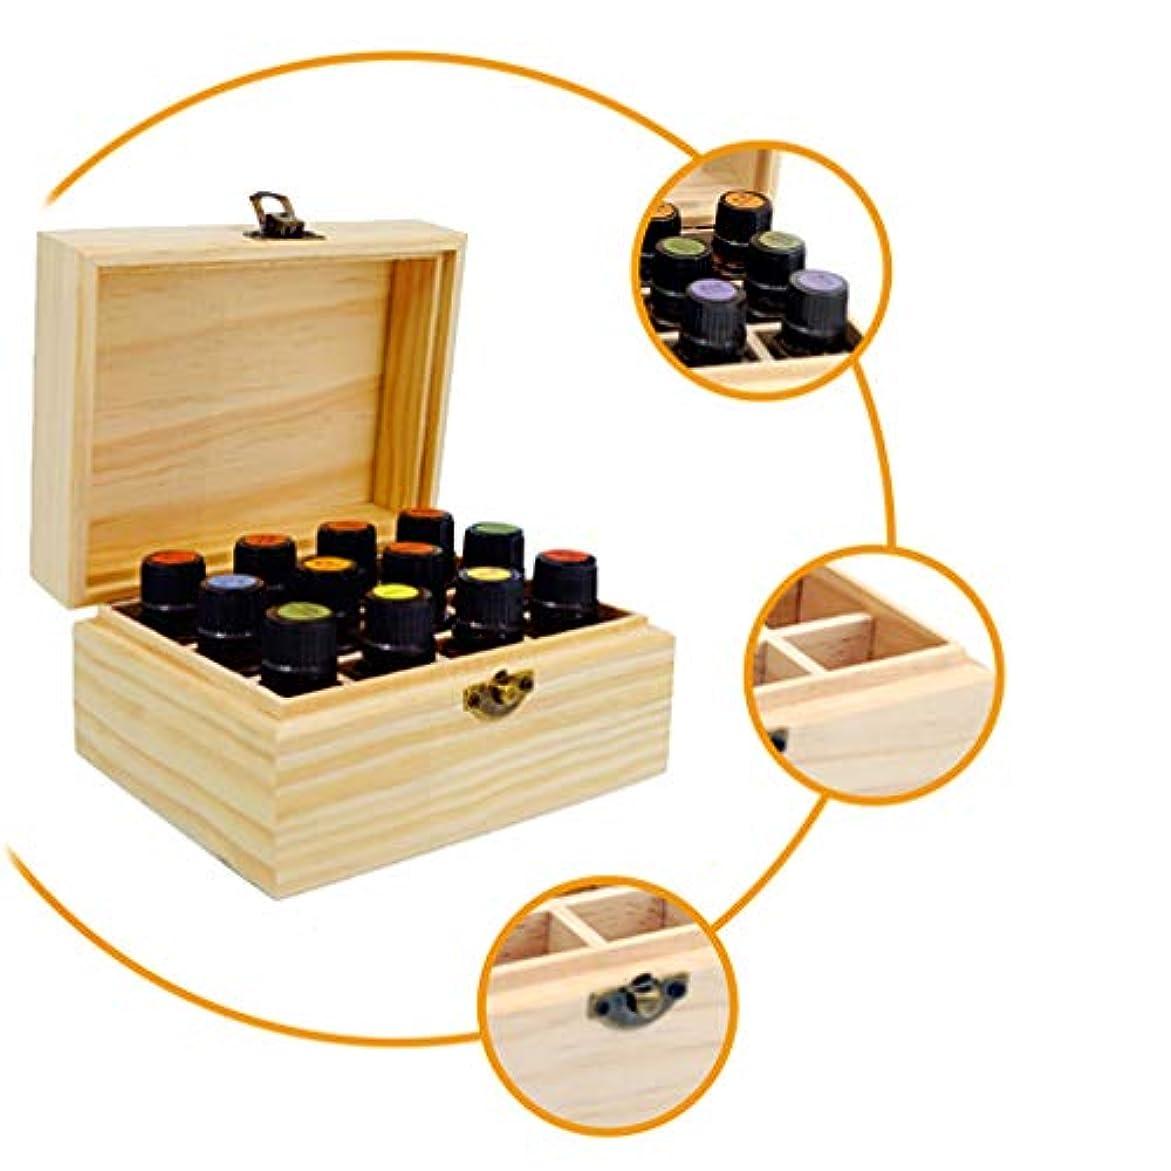 空のアンペア混沌JIOLK エッセンシャルオイル 収納ボックス 12本用 木製 香水収納ケース 大容量 精油収納 携帯便利 オイルボックス おしゃれ 精油ケース